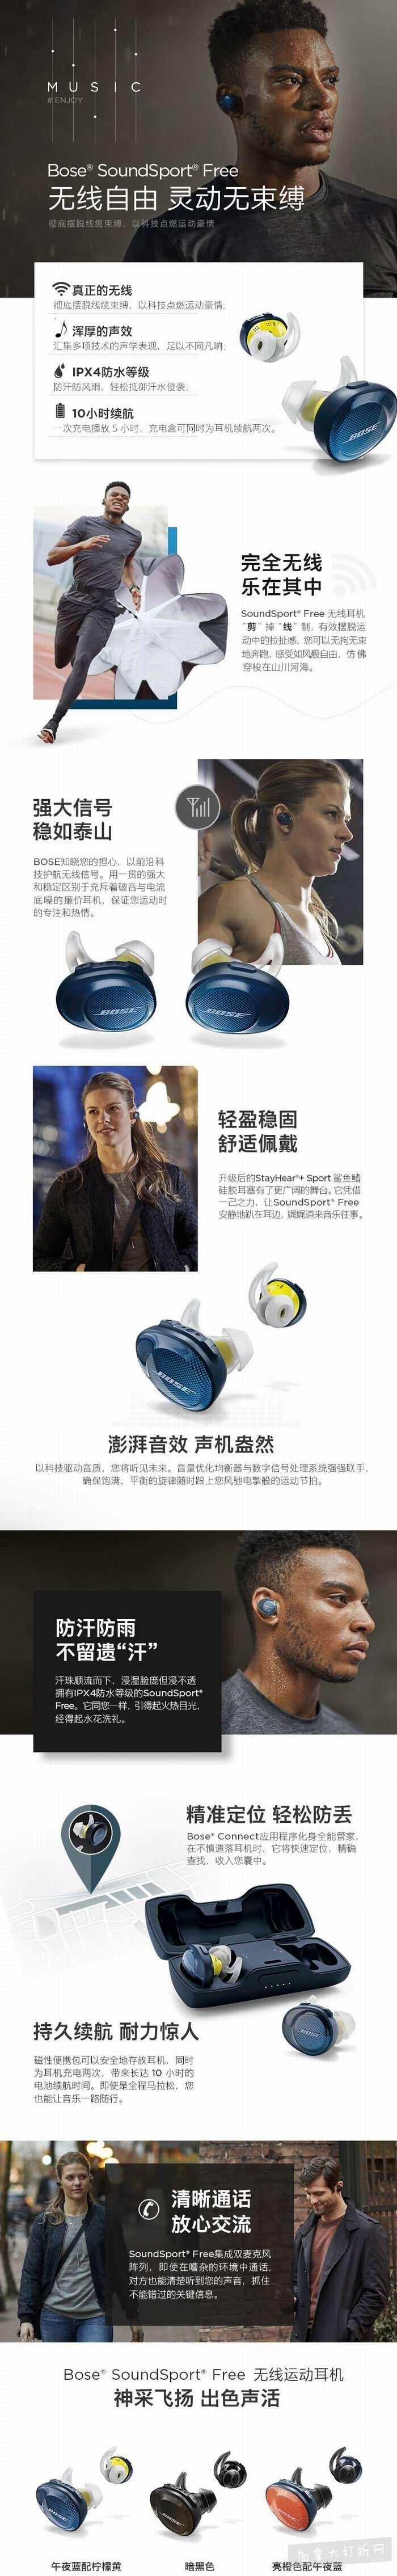 历史新低!Bose SoundSport Free 全新分离式 真无线蓝牙 运动耳机7.6折 249加元包邮!3色可选!